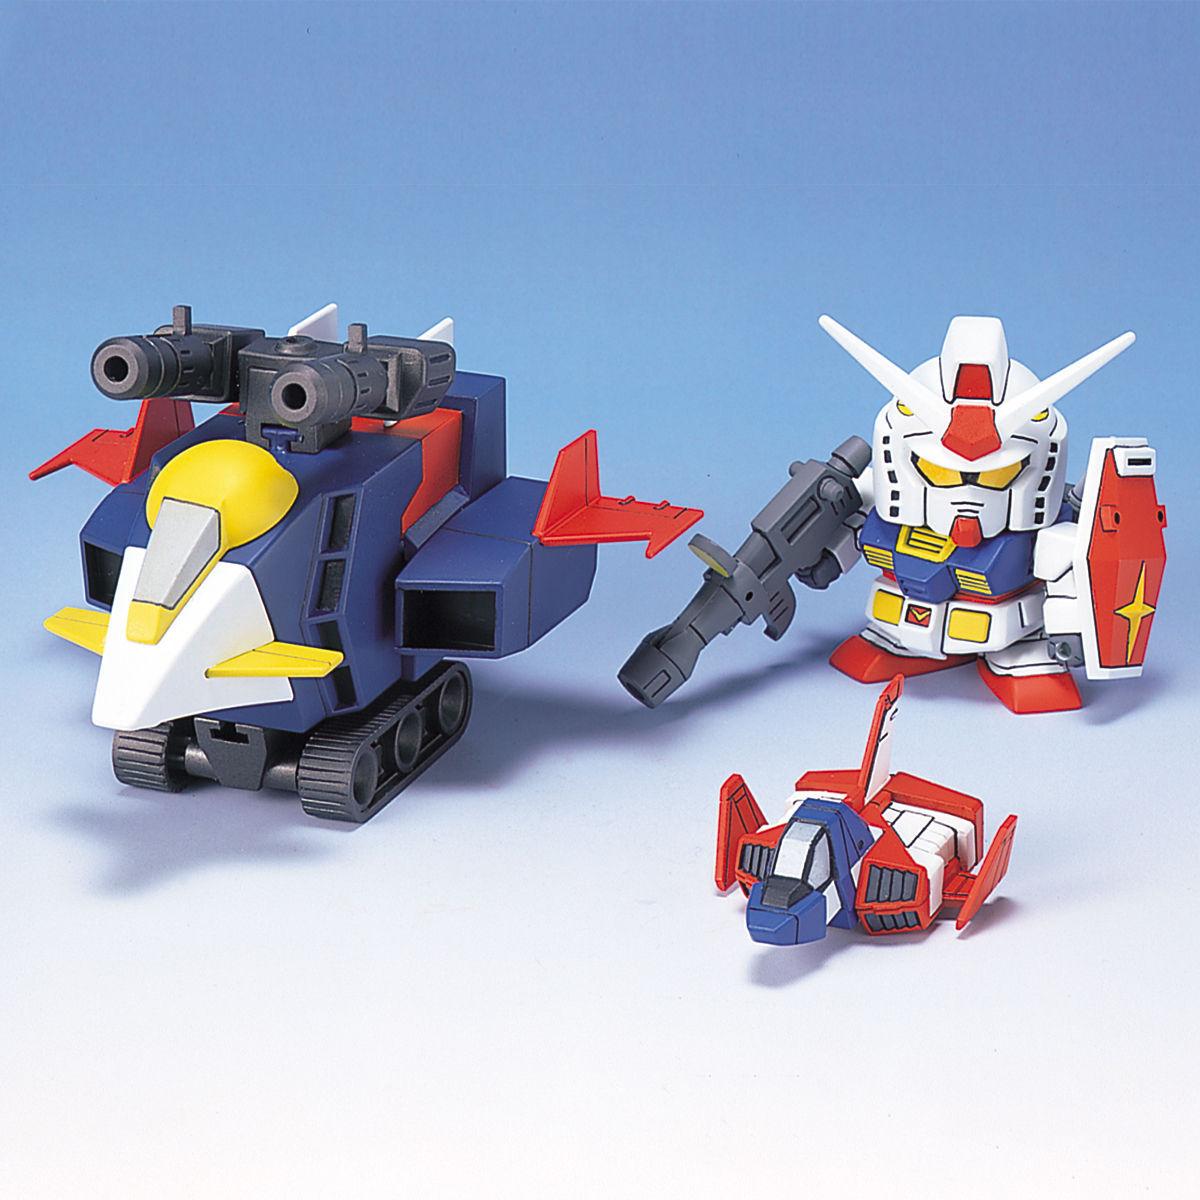 SDガンダム GジェネレーションZERO(GGENERATION-0) 020 RX-78-2 ガンダム(Gアーマー仕様) [Gundam G-Armor] 0074426 4902425744261